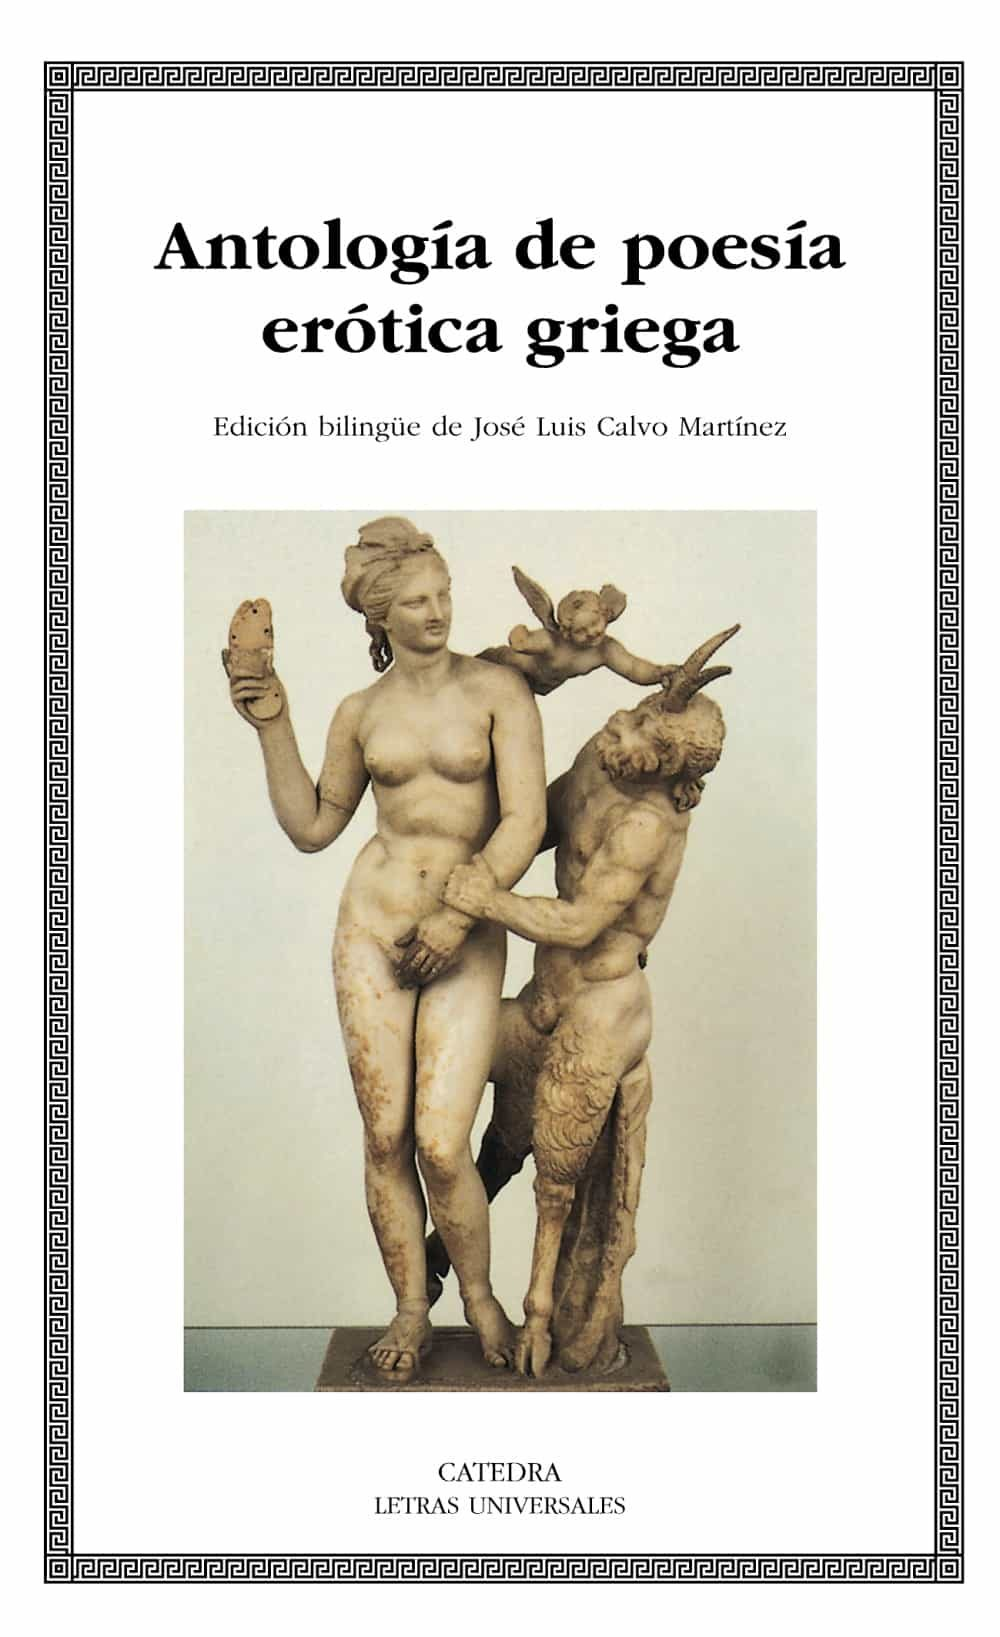 Antologia De Poesia Erotica Griega por Vv.aa.